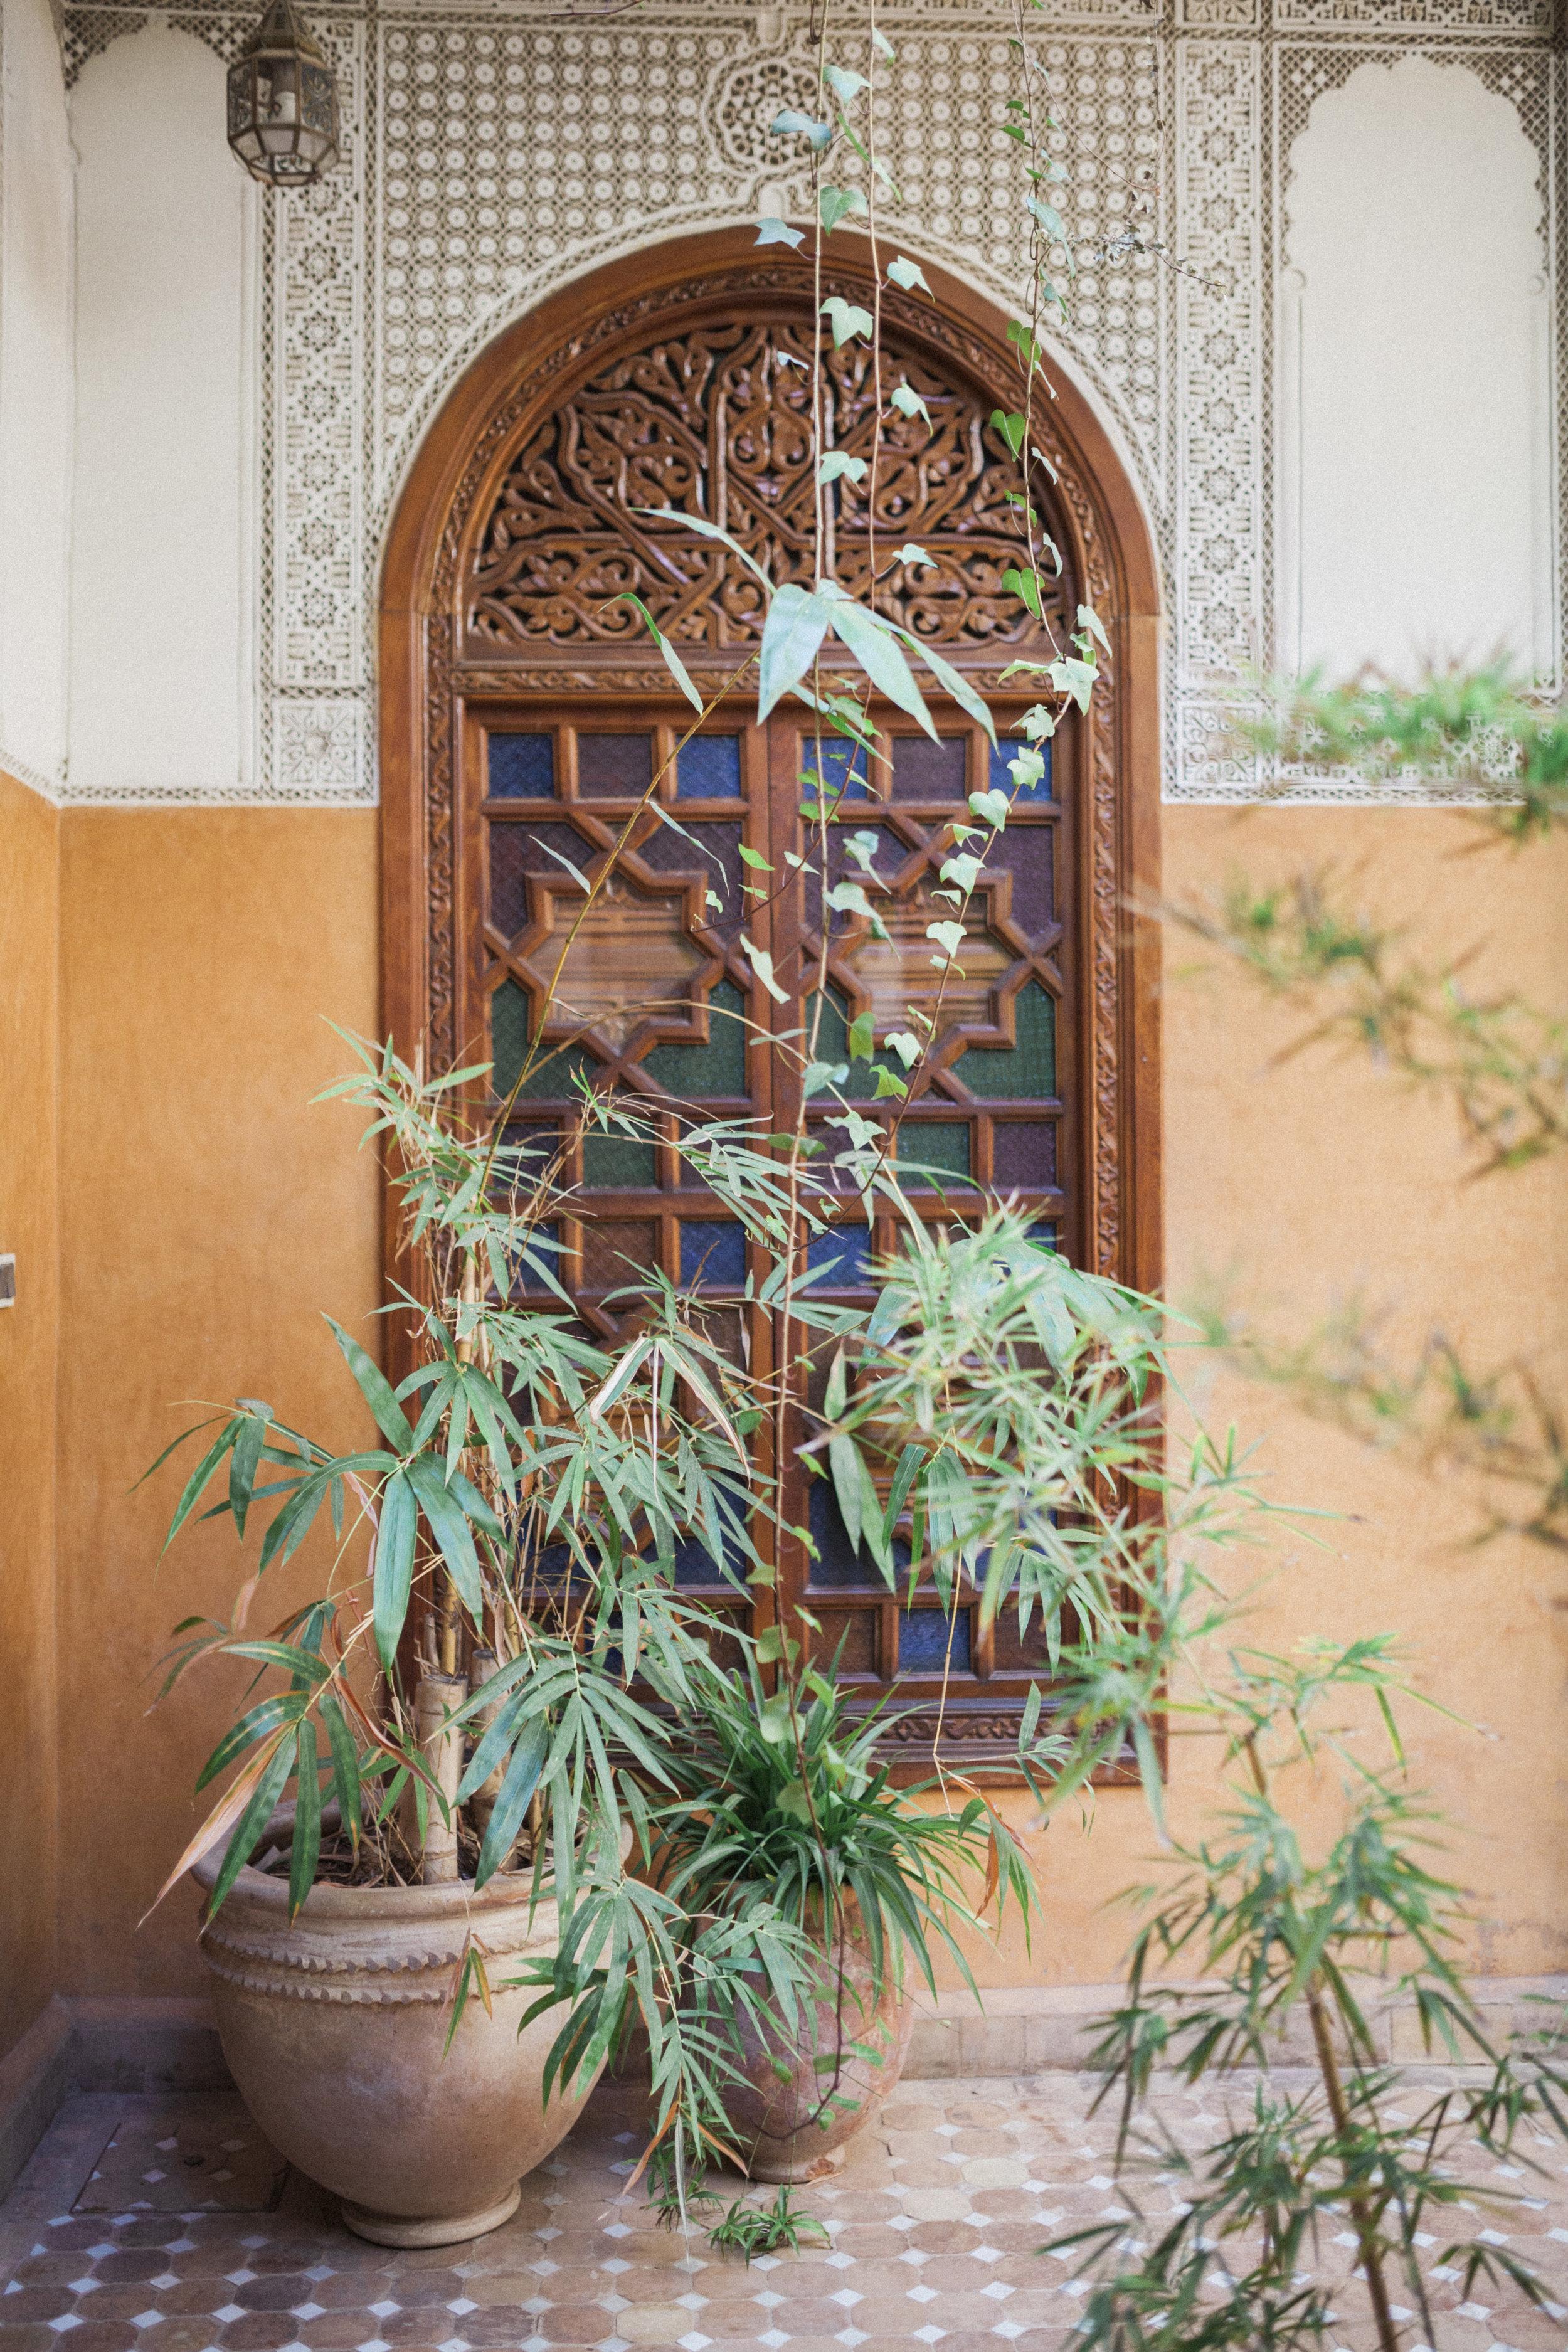 mariarao-marrakech-4.jpg